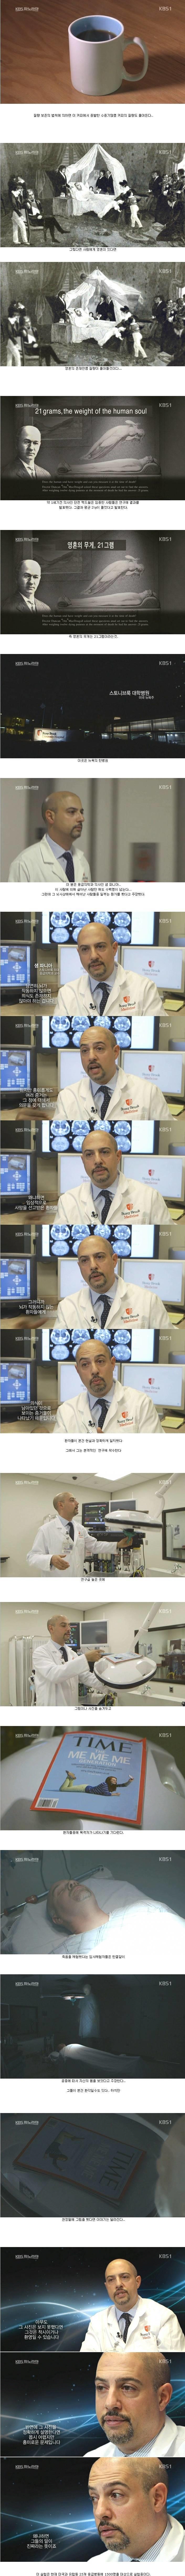 http://image.fmkorea.com/files/attach/new/20171022/486616/789752372/813675004/73333b7cbb36610f113657514ca3c2a0.JPG